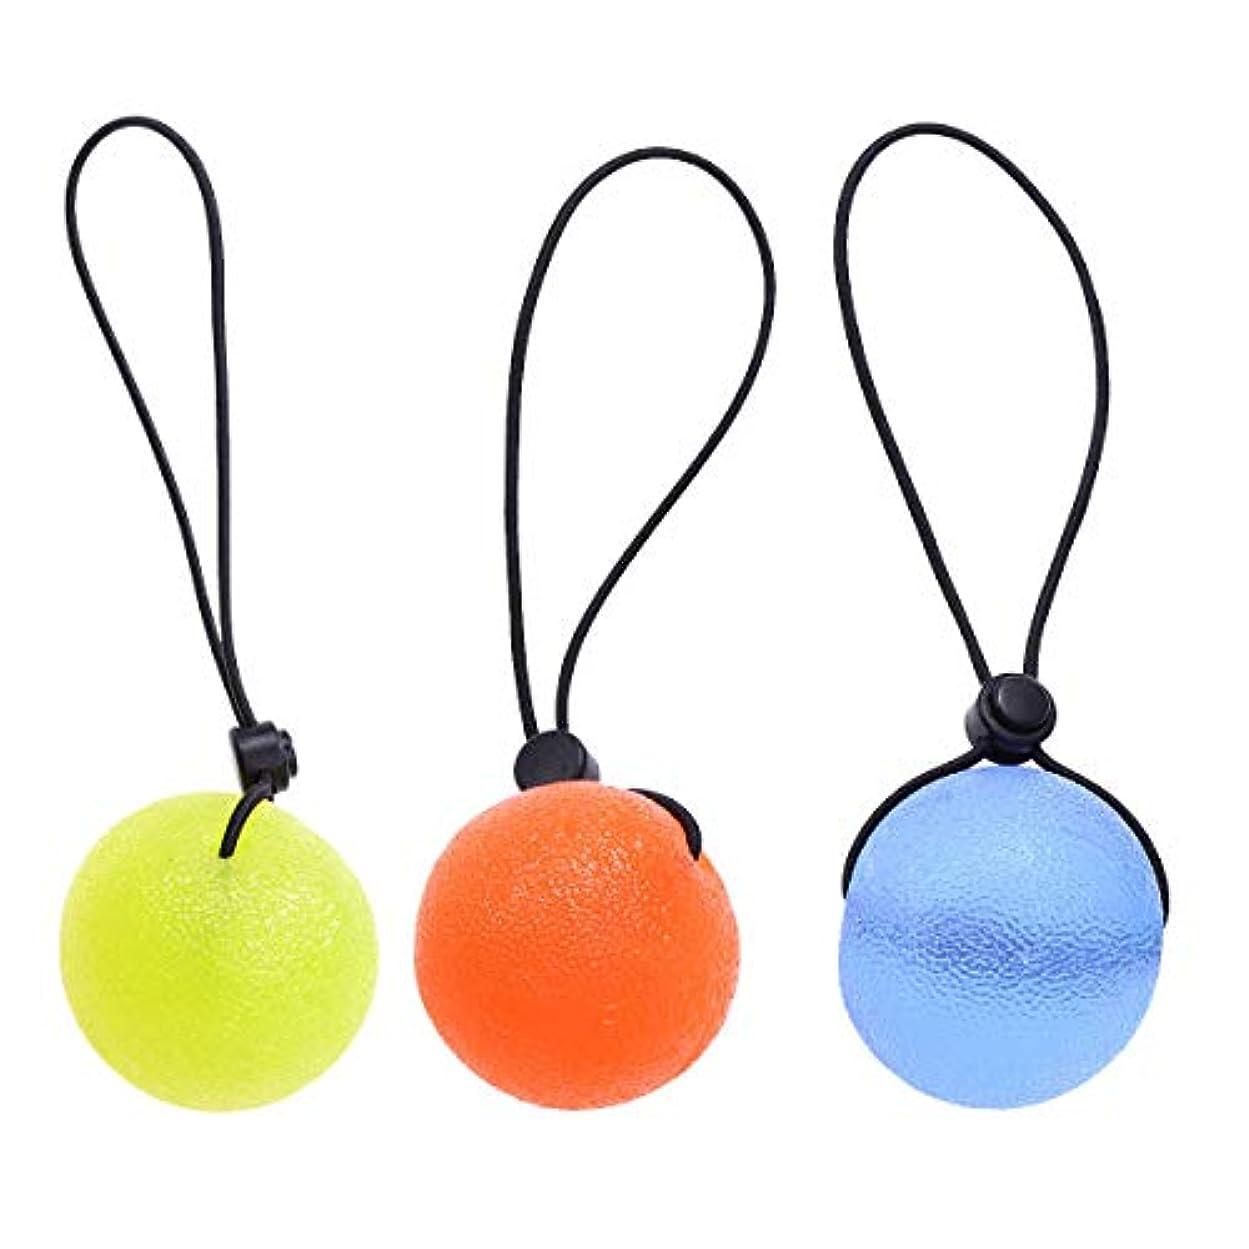 動くどちらかアレルギーSUPVOX 3個ハンドグリップ強化剤フィンガーグリップセラピーエクササイズスクイズストレスボール